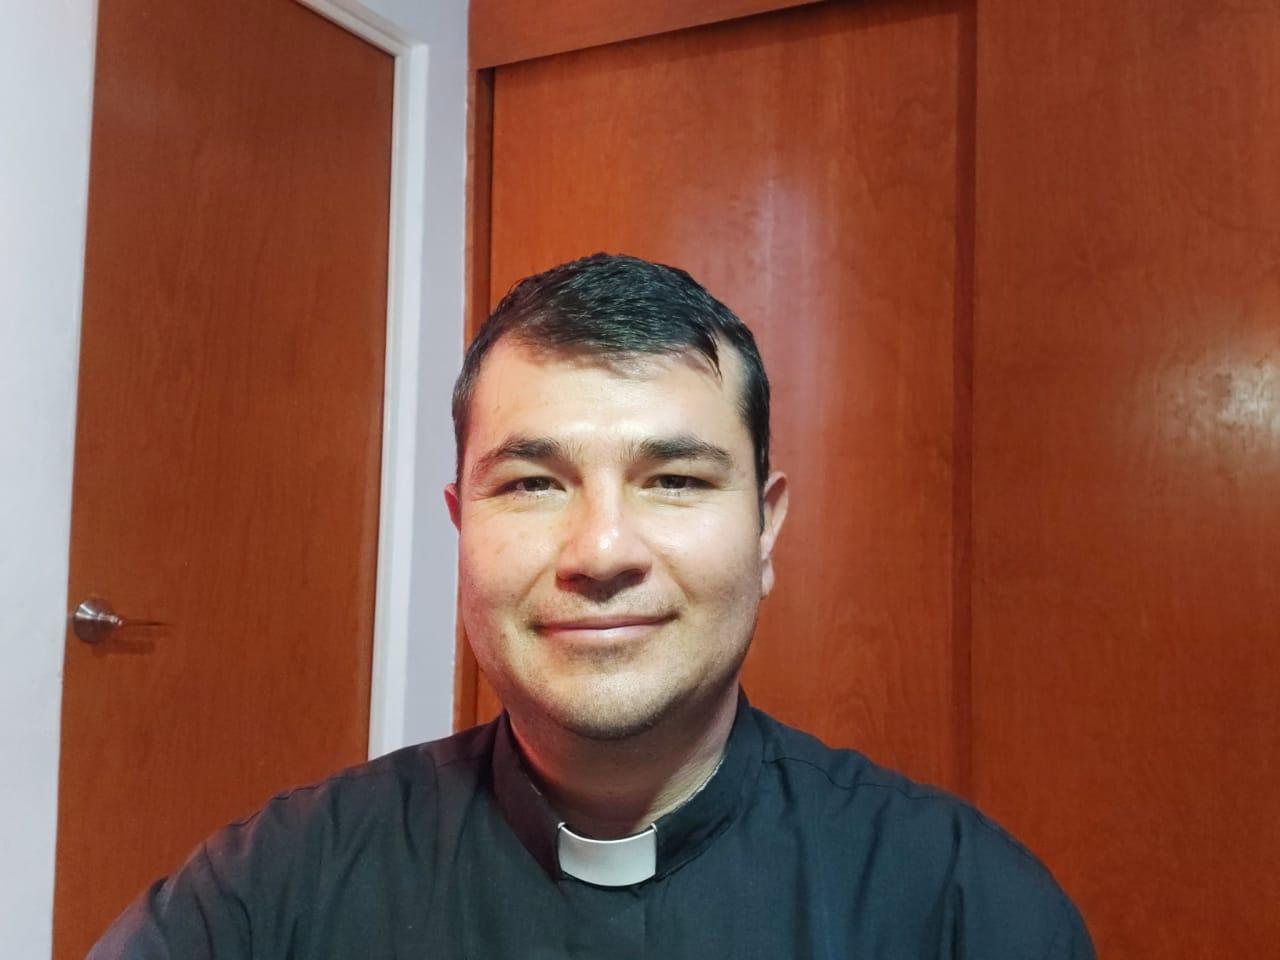 SEMANA SANTA, INVITA A LA ORACIÓN Y REFLEXIÓN EN FAMILIA